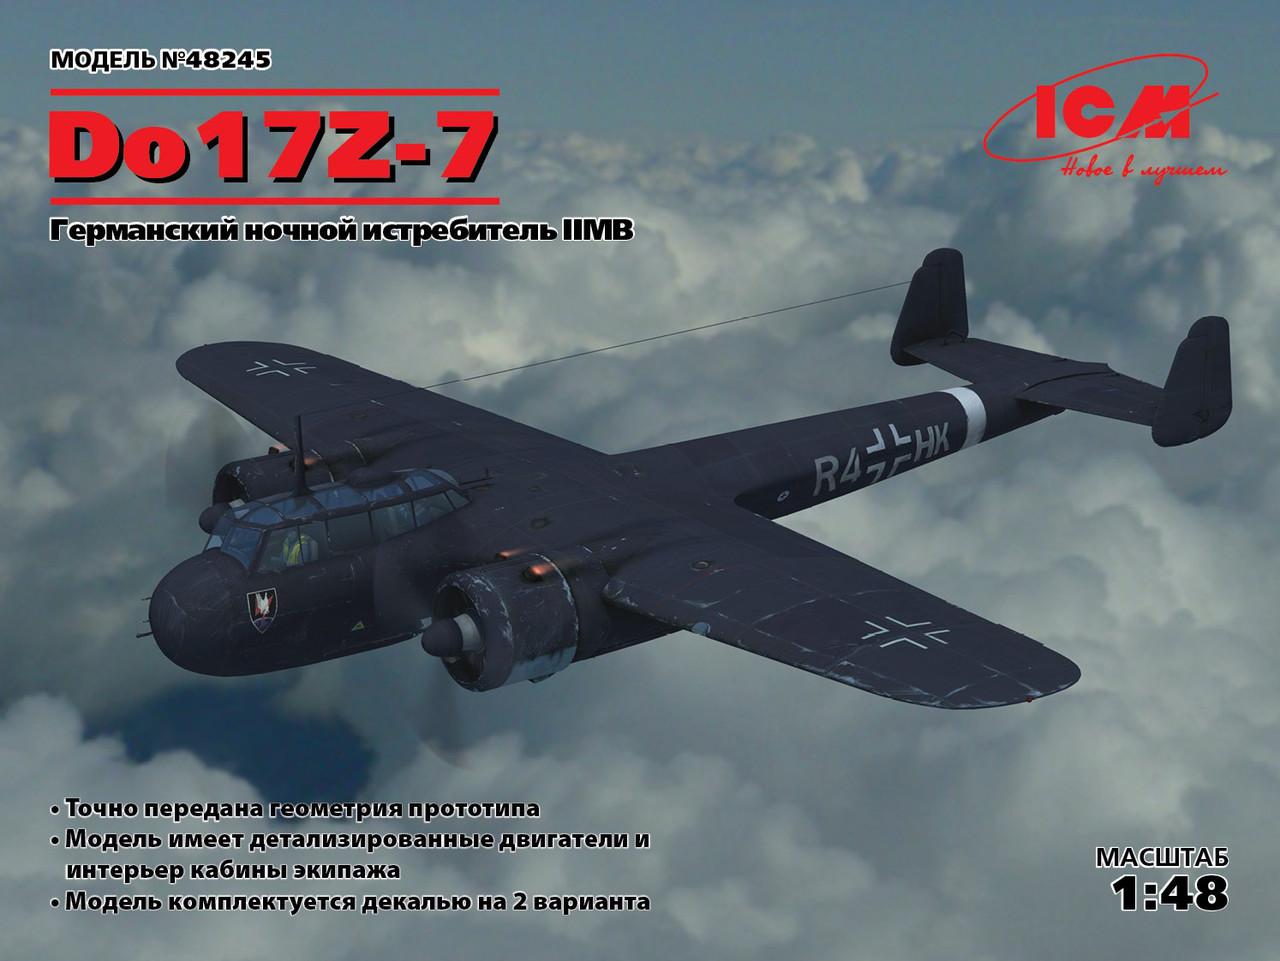 Do 17Z-7, Германский ночной истребитель ІІ МВ. 1/48 ICM 48245